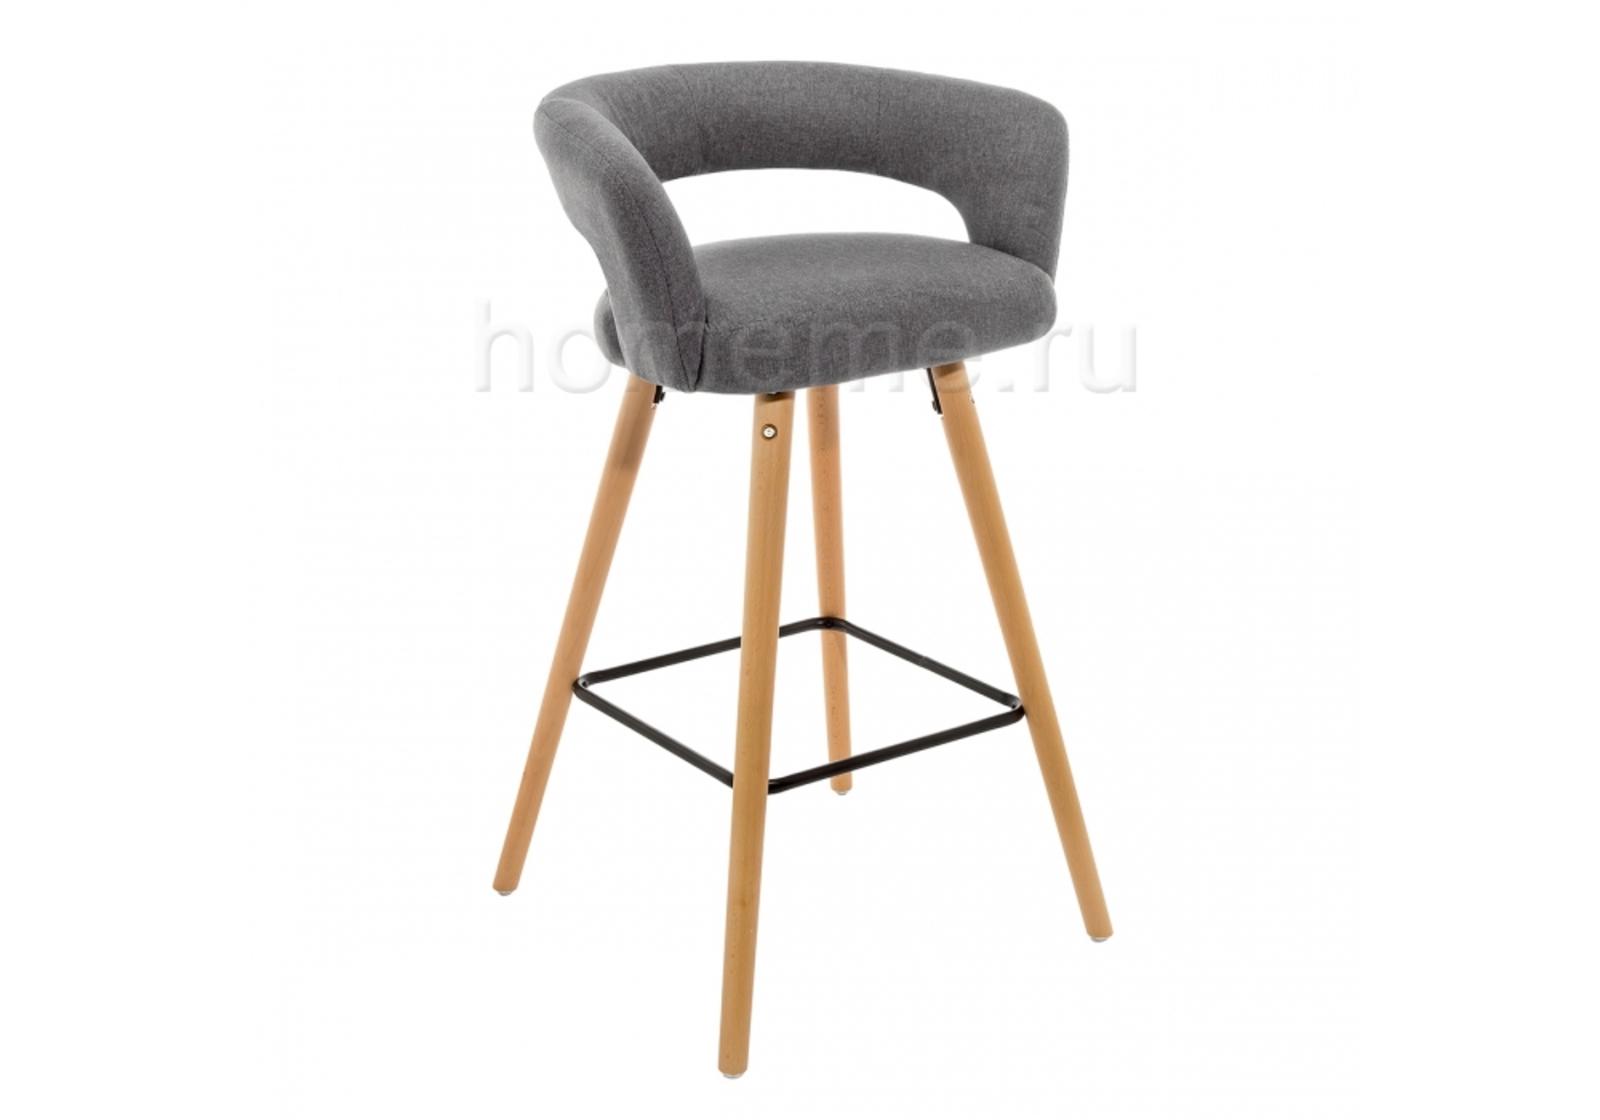 Барный стул Mars серый 11363 Mars серый 11363 (17552)